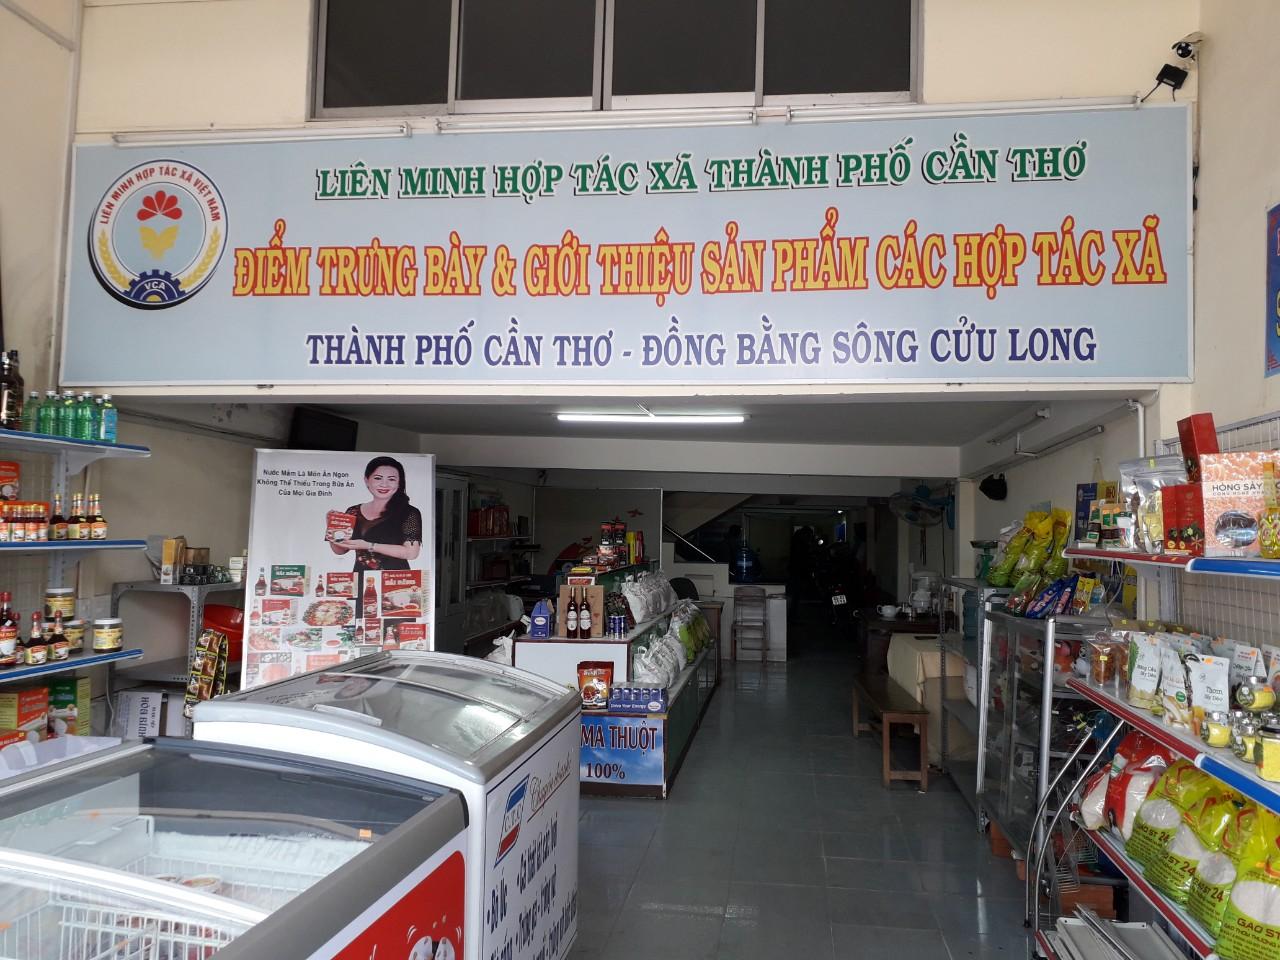 Cửa Hàng Trưng Bày & Giới Thiệu Sản Phẩm  - Liên Minh HTX Cần Thơ